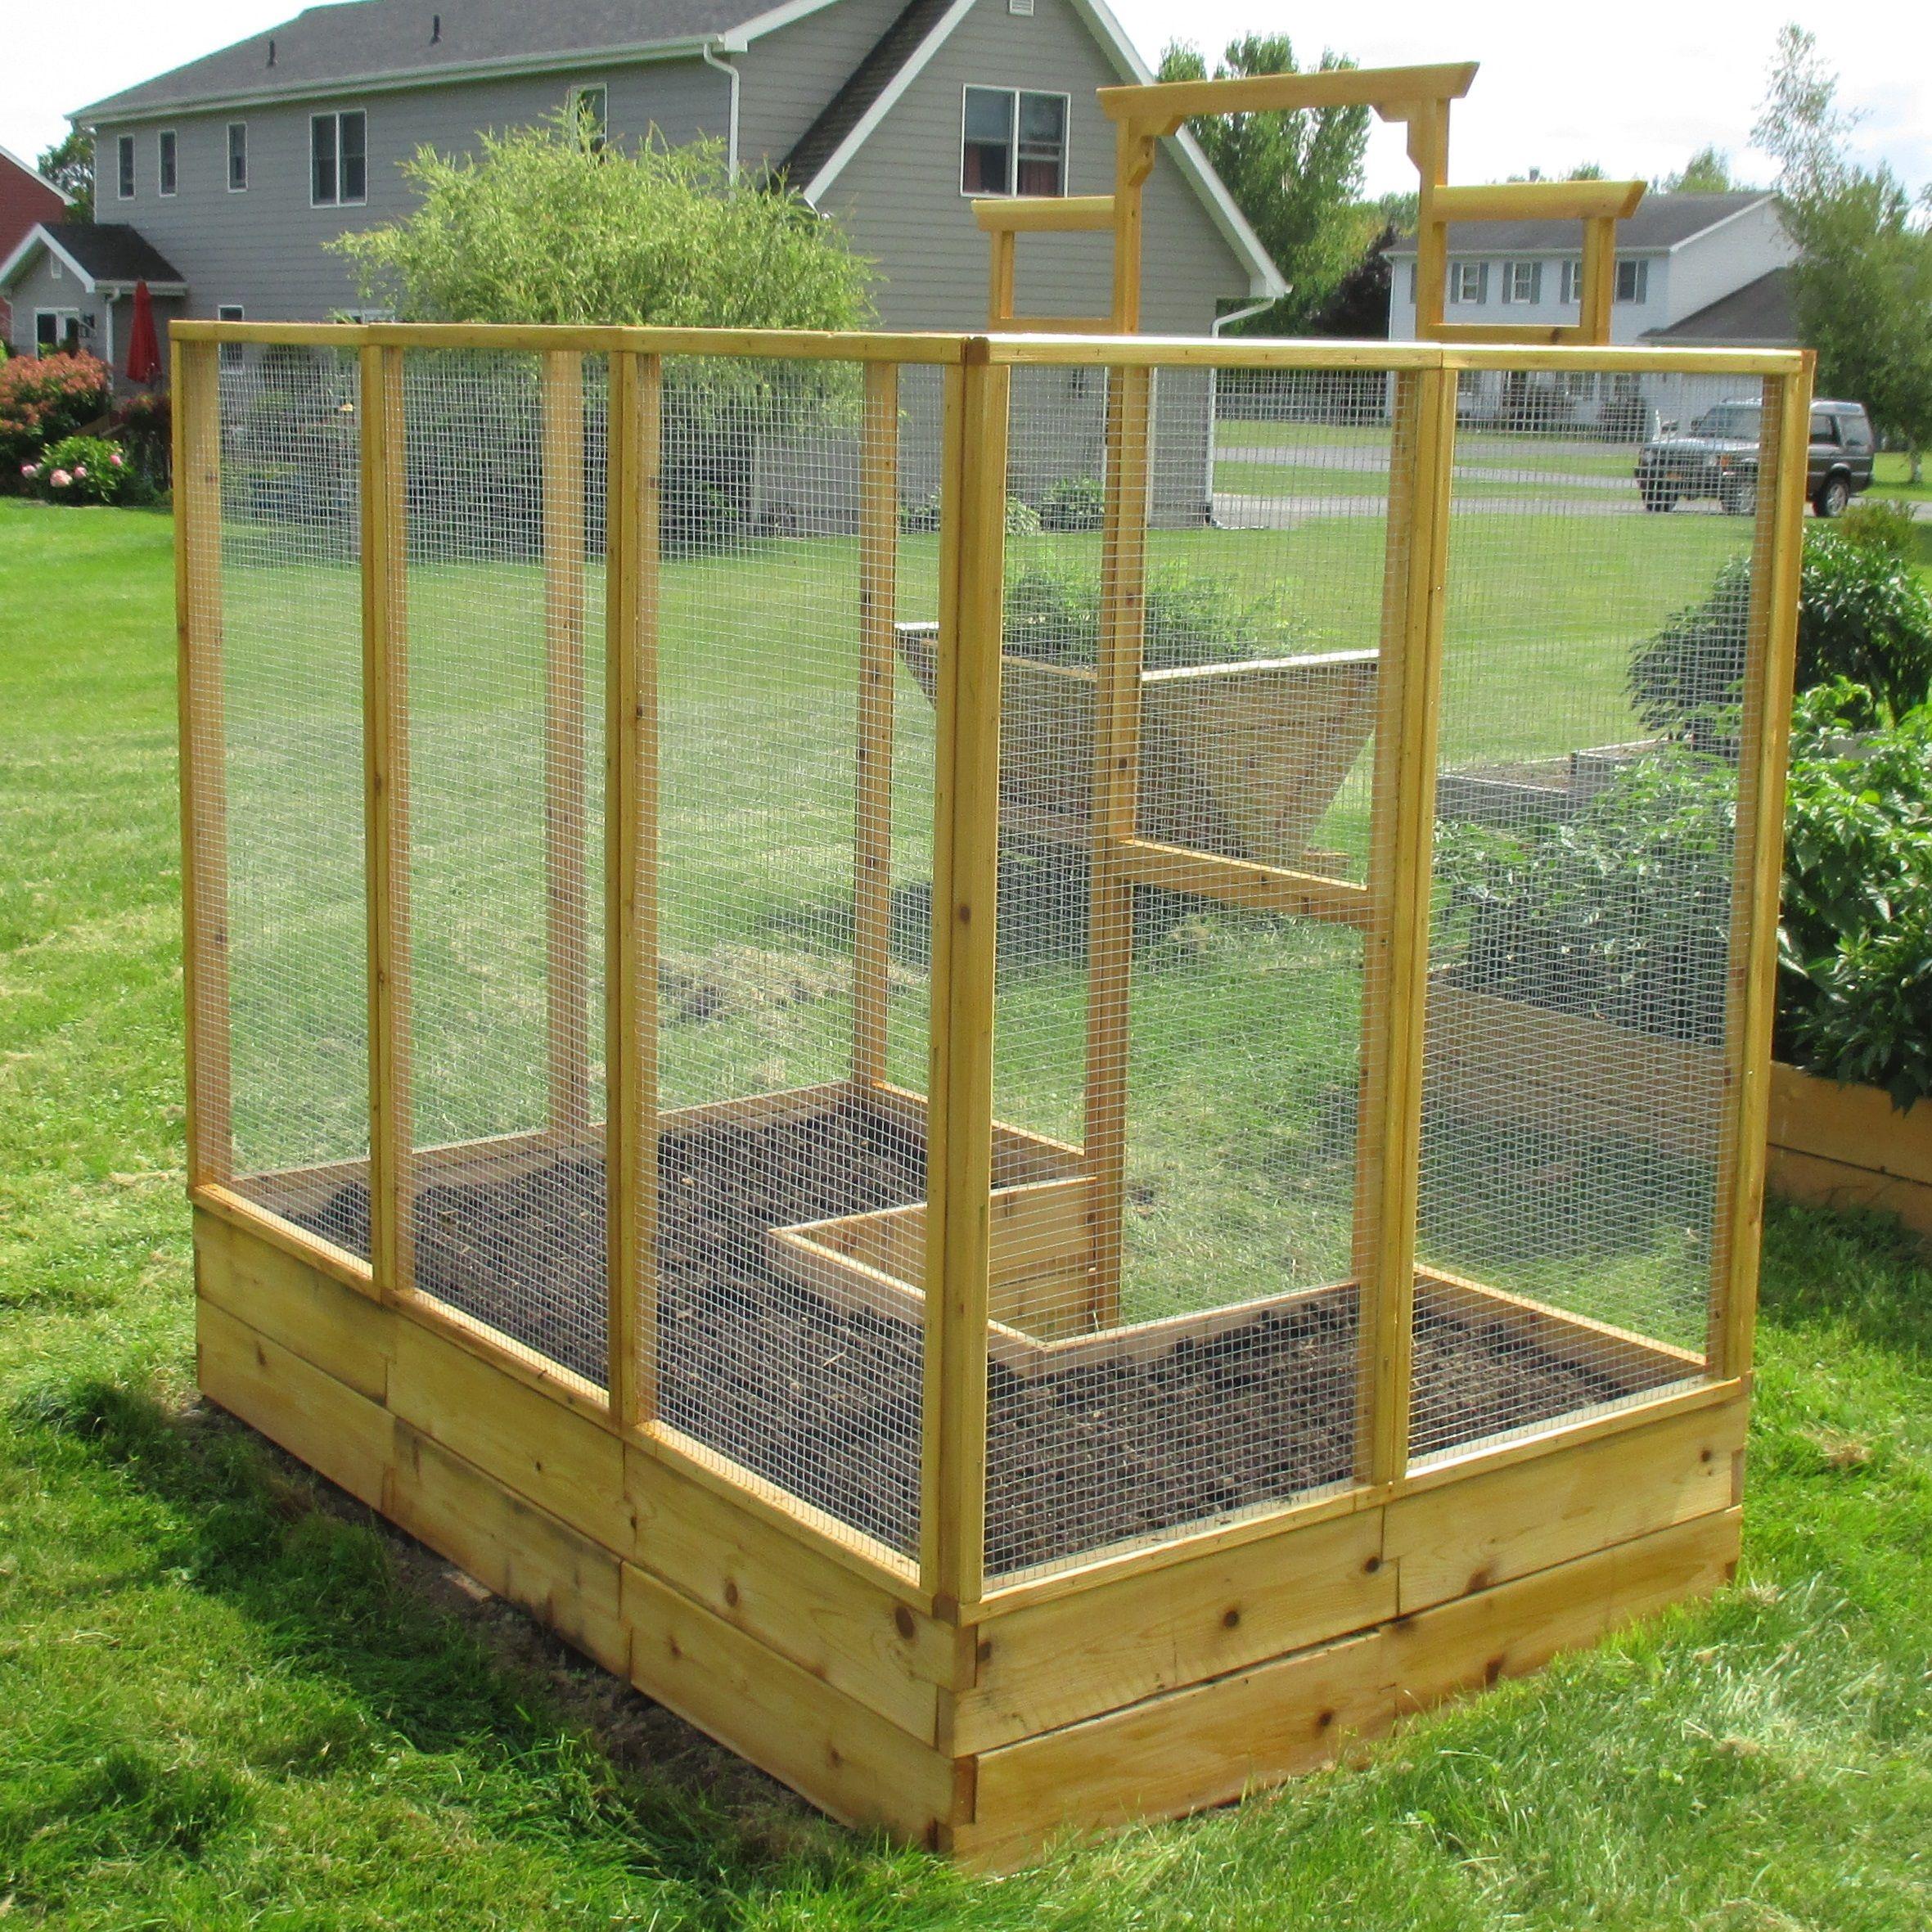 Deer Proof Raised Bed Garden Kit Garden beds, Raised